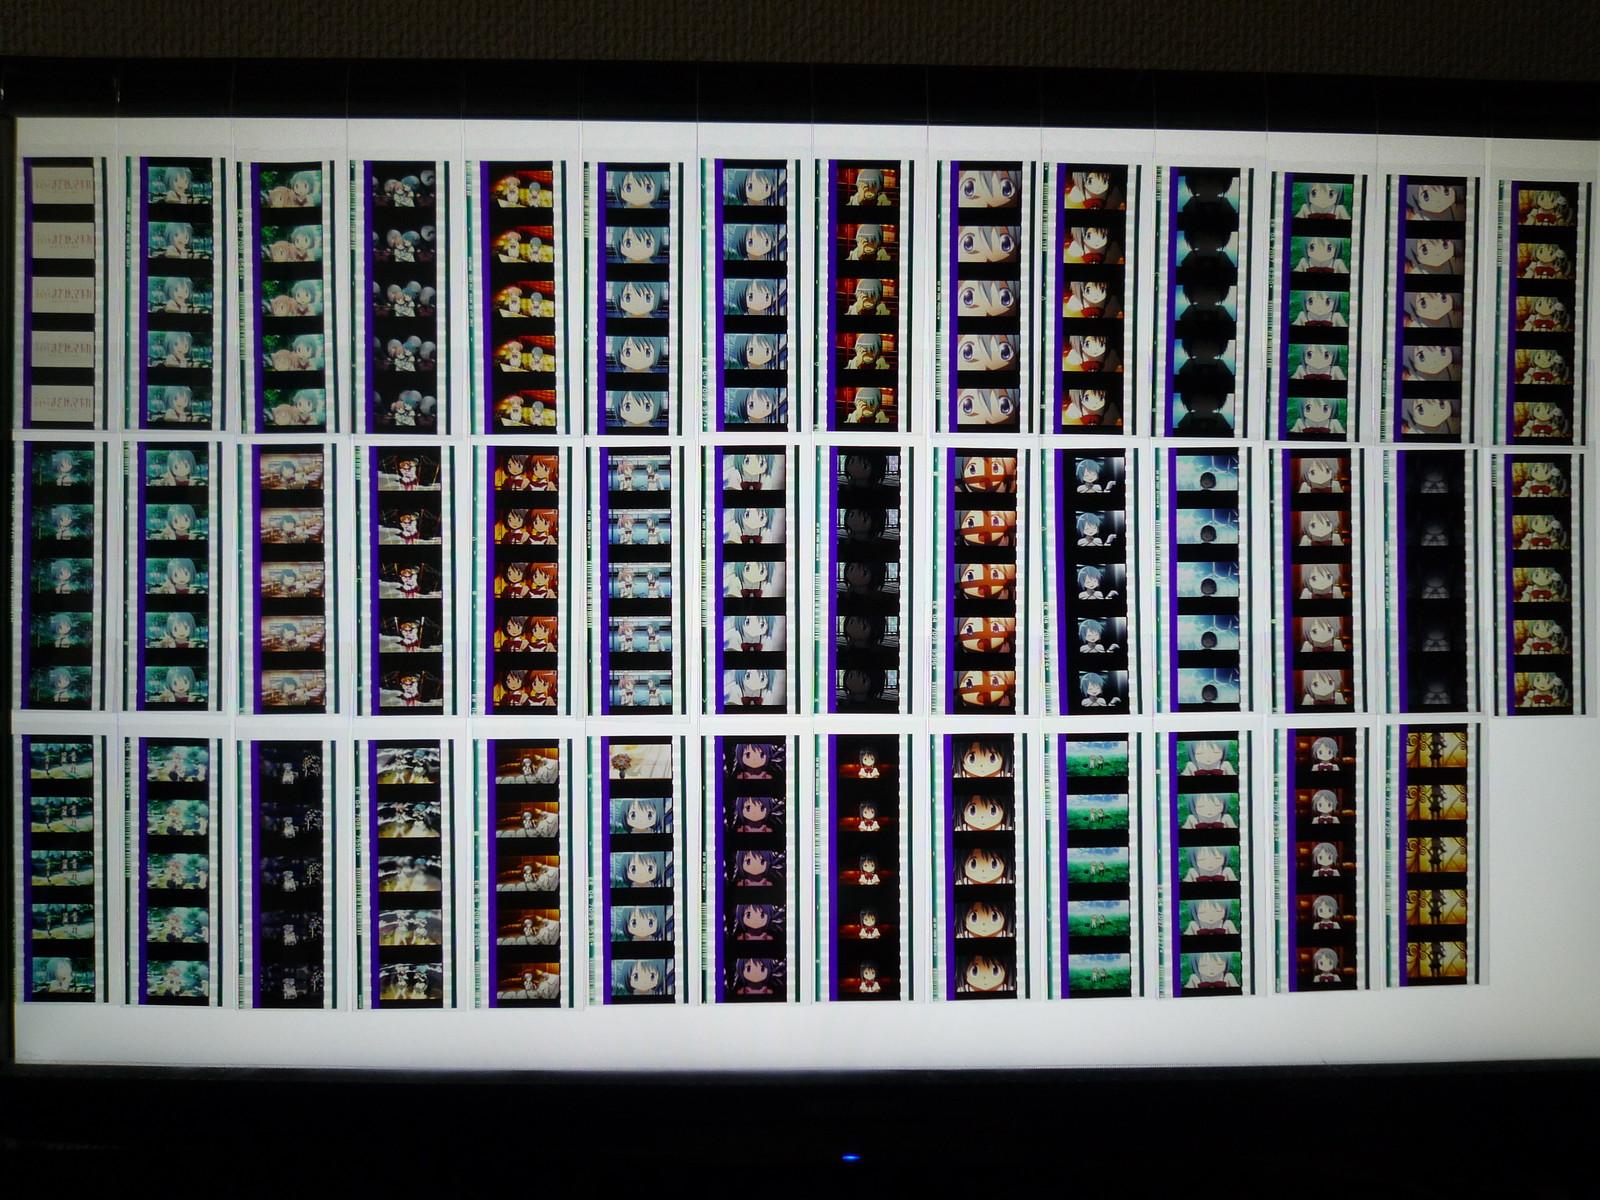 사야카 스레주의 필름 컬렉션이 너무 굉장해…